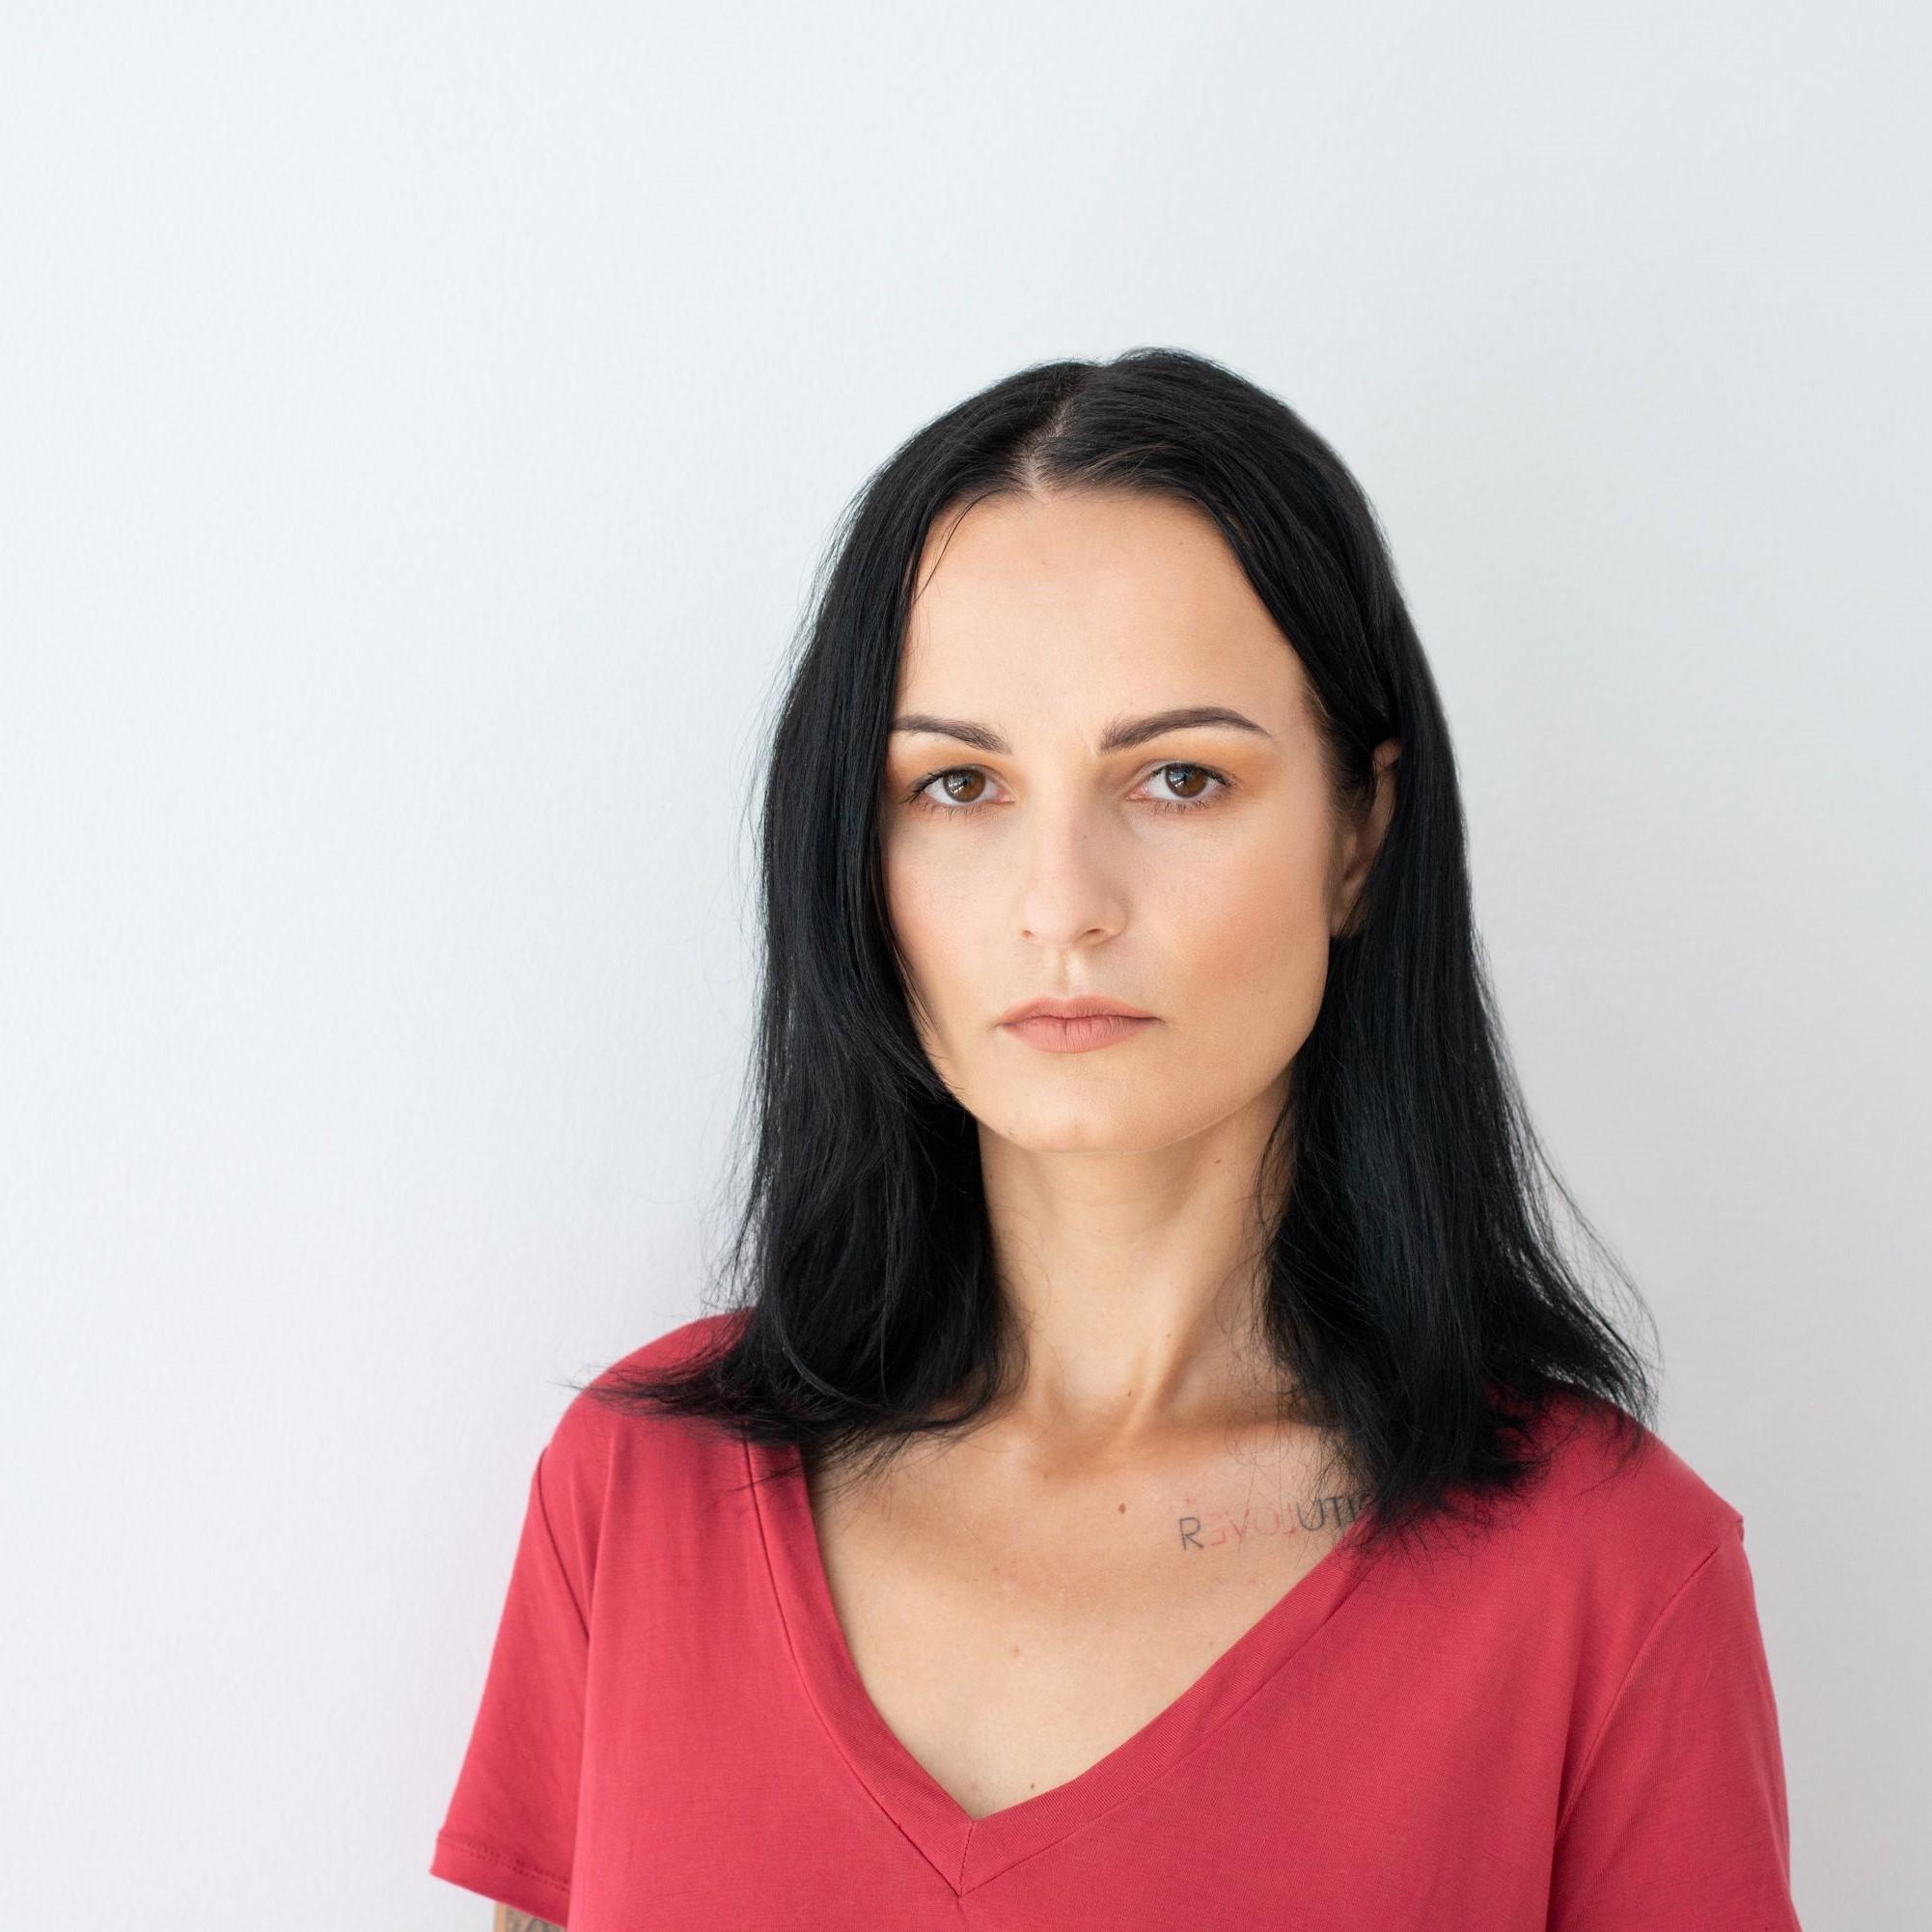 Patrycja Wieczorkiewicz